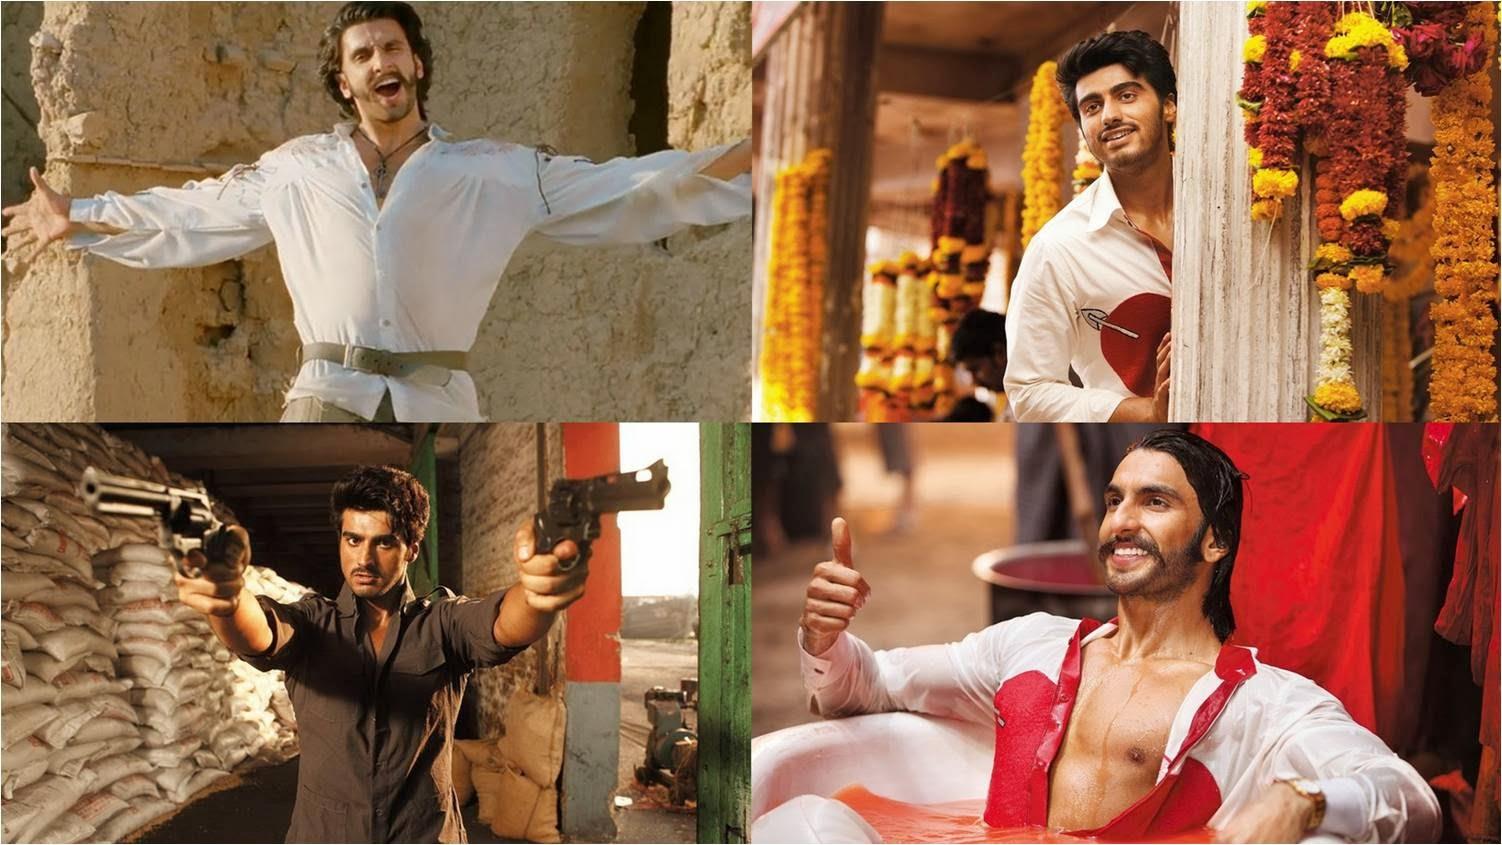 Ranveer Singh and Arjun Kapoor in Gunday movie